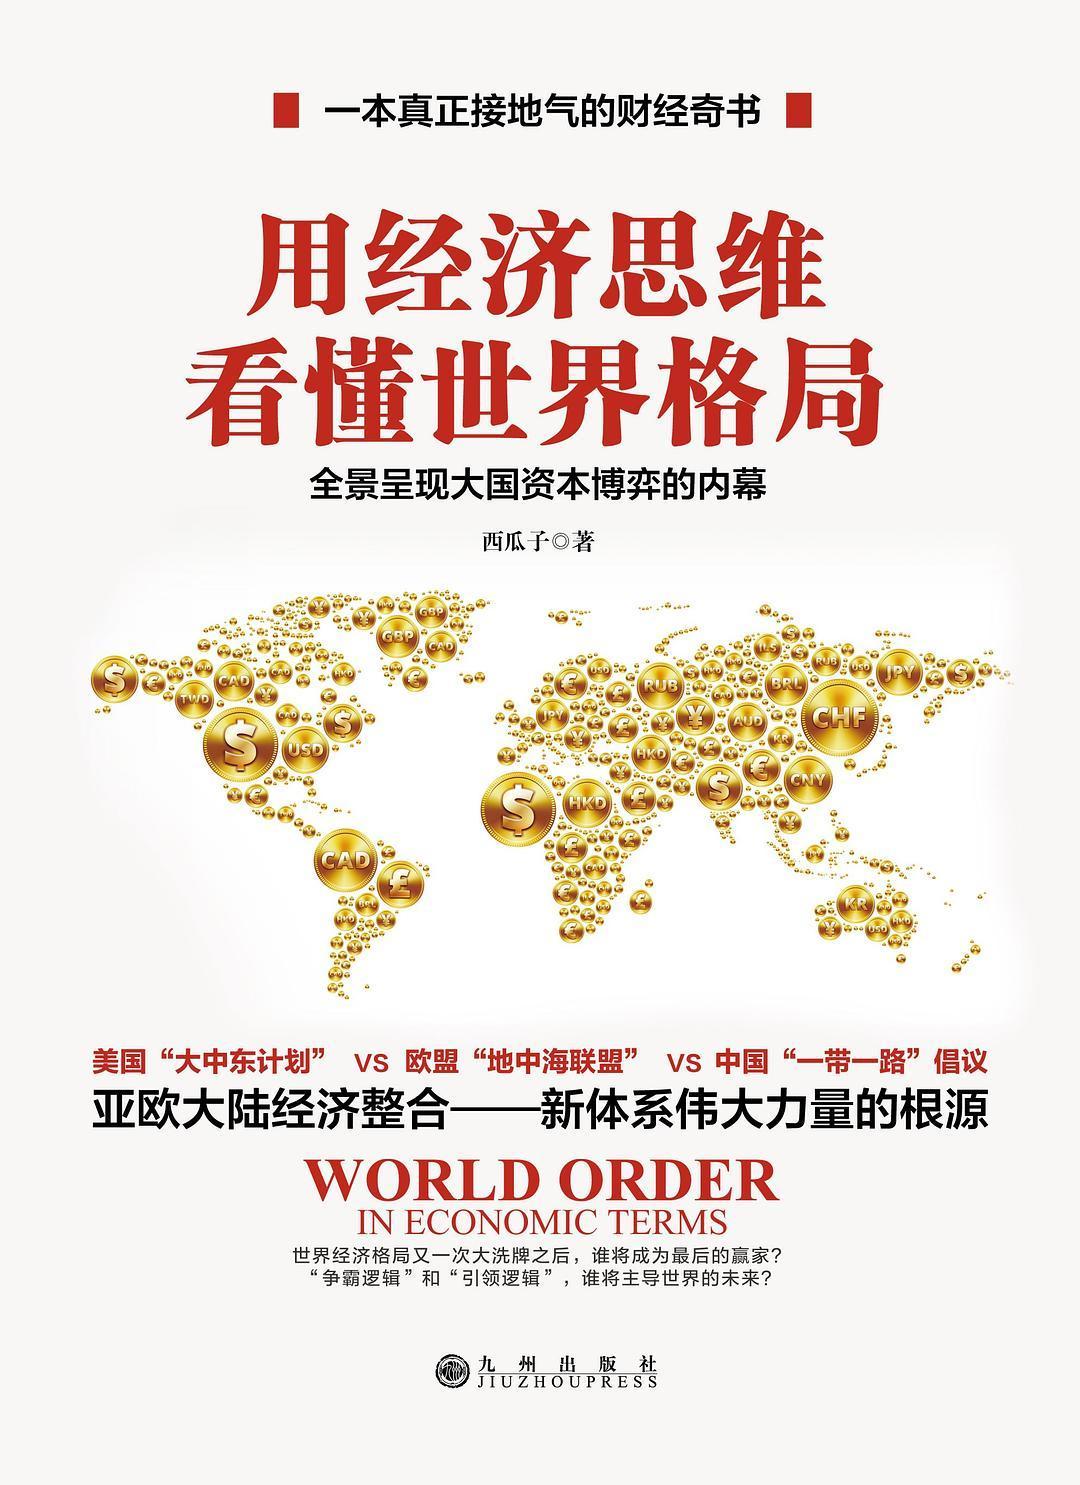 用經濟思維看懂世界格局